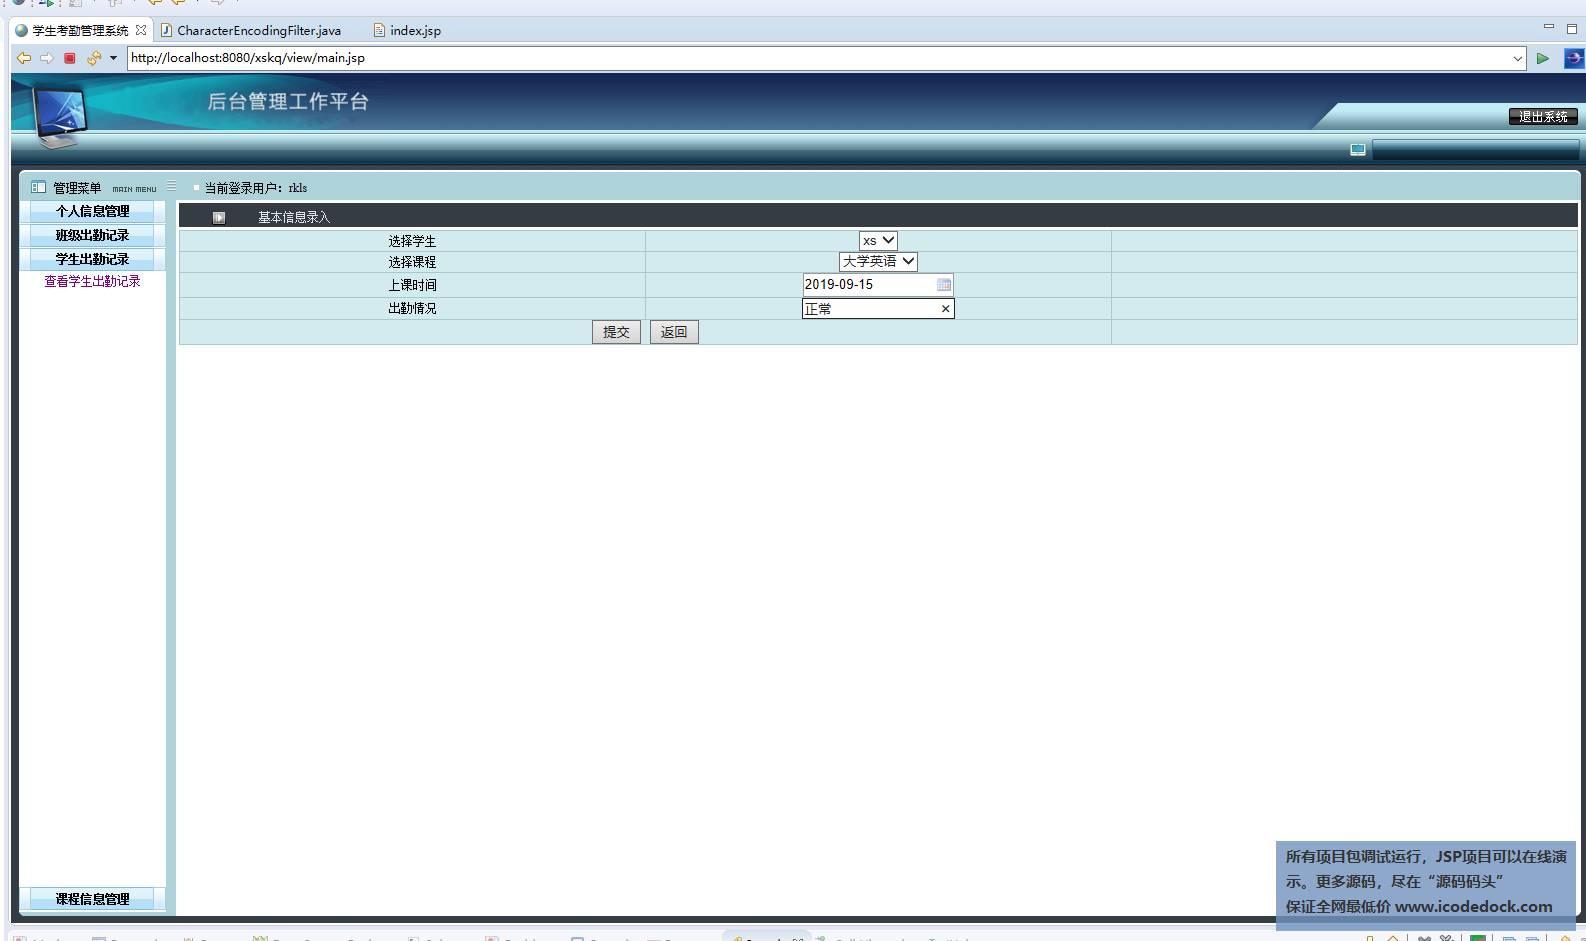 源码码头-JSP学生考勤管理系统-任课老师角色-出勤管理